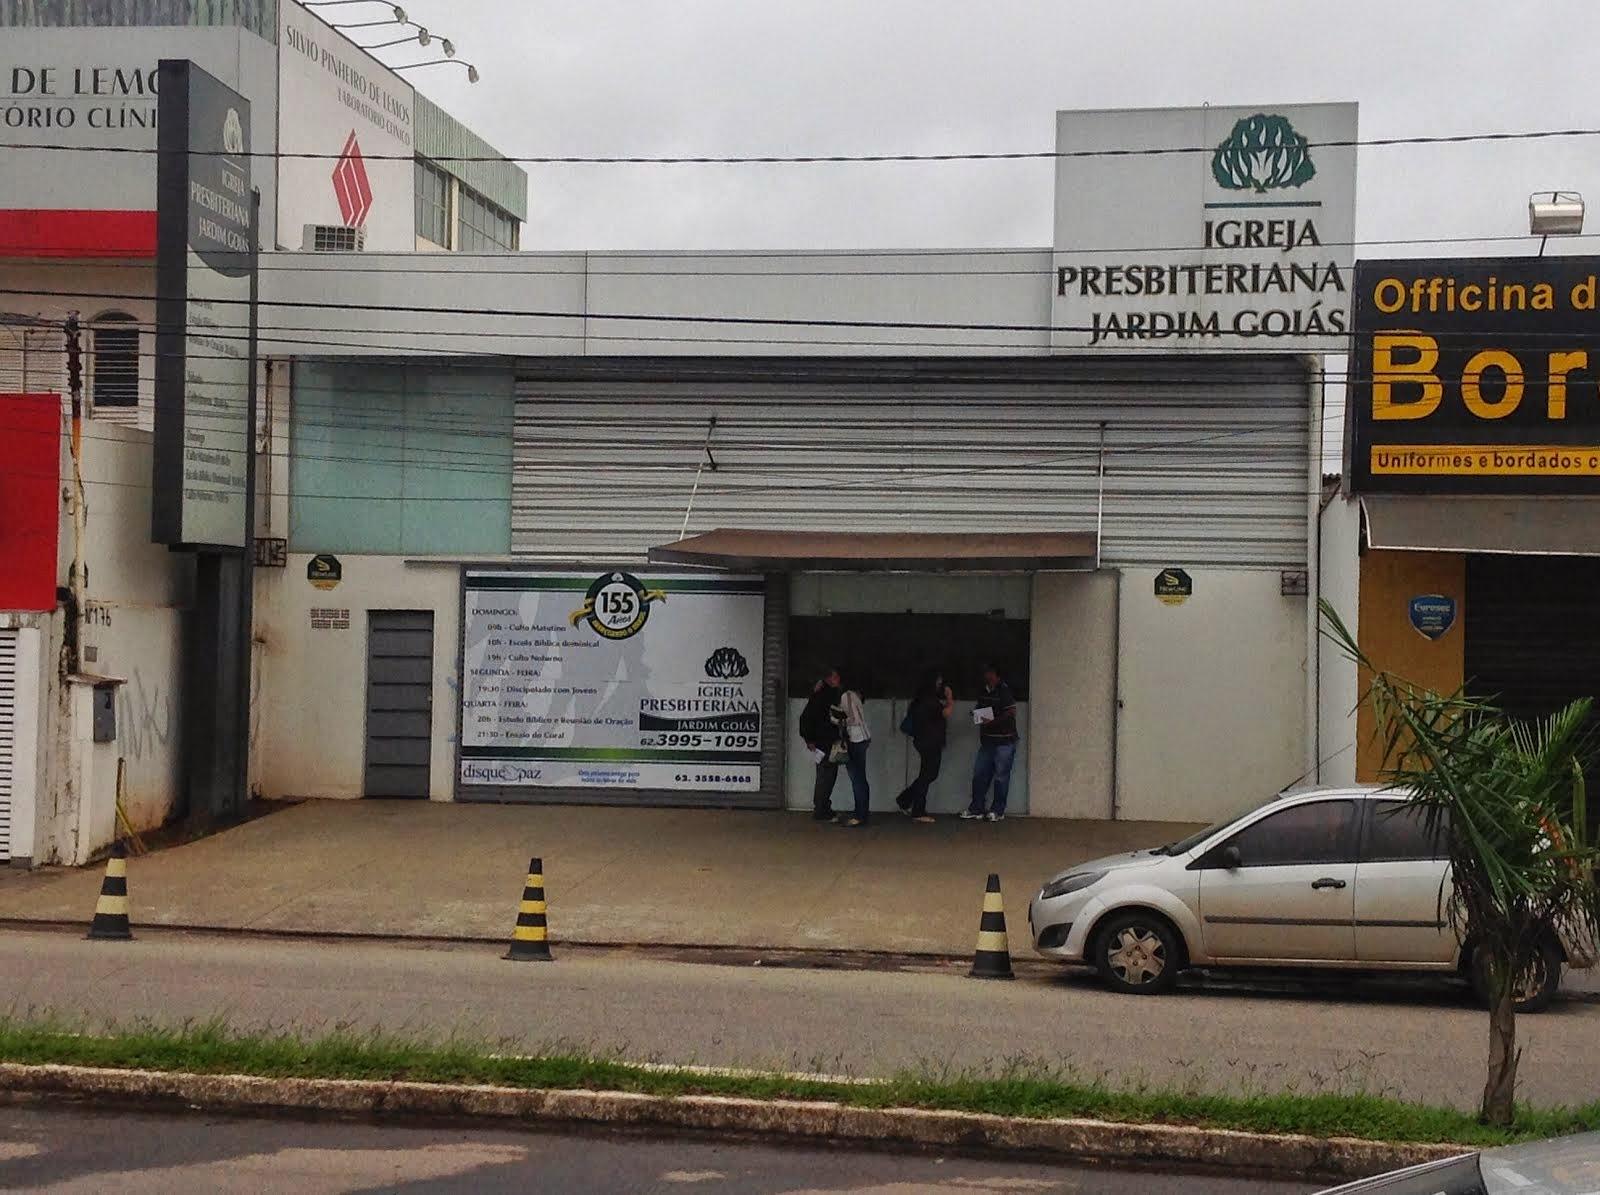 Igreja Presbiteriana Jardim Goiás - 2015